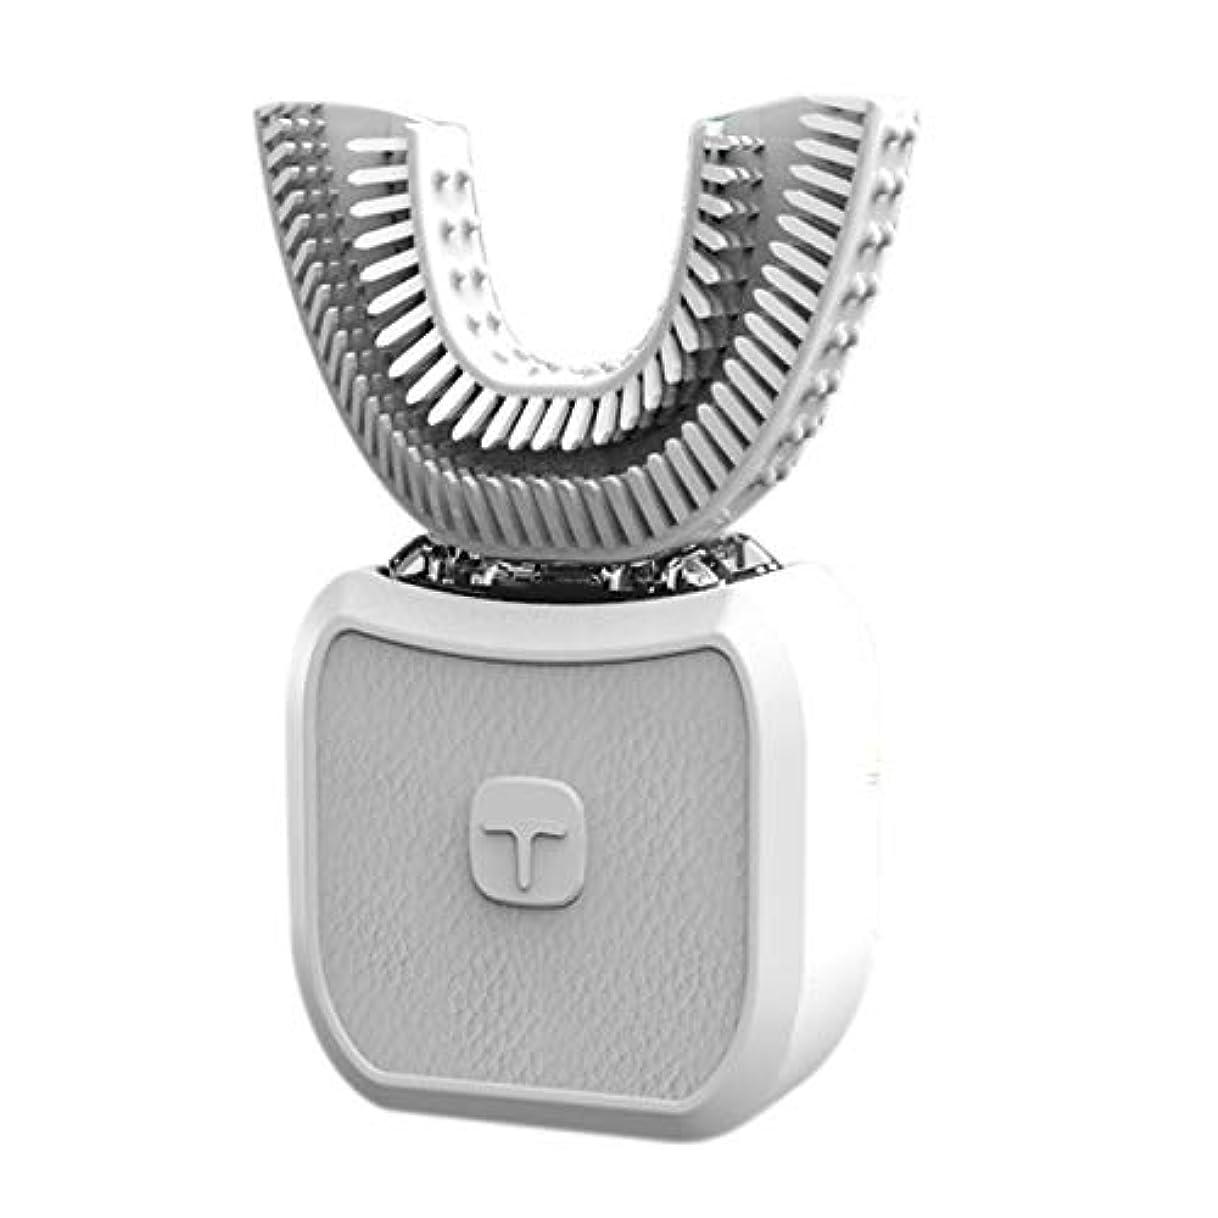 サンドイッチ包囲フェリーフルオートマチック可変周波数電動歯ブラシ、自動360度U字型電動歯ブラシ、ワイヤレス充電IPX7防水自動歯ブラシ(大人用),White